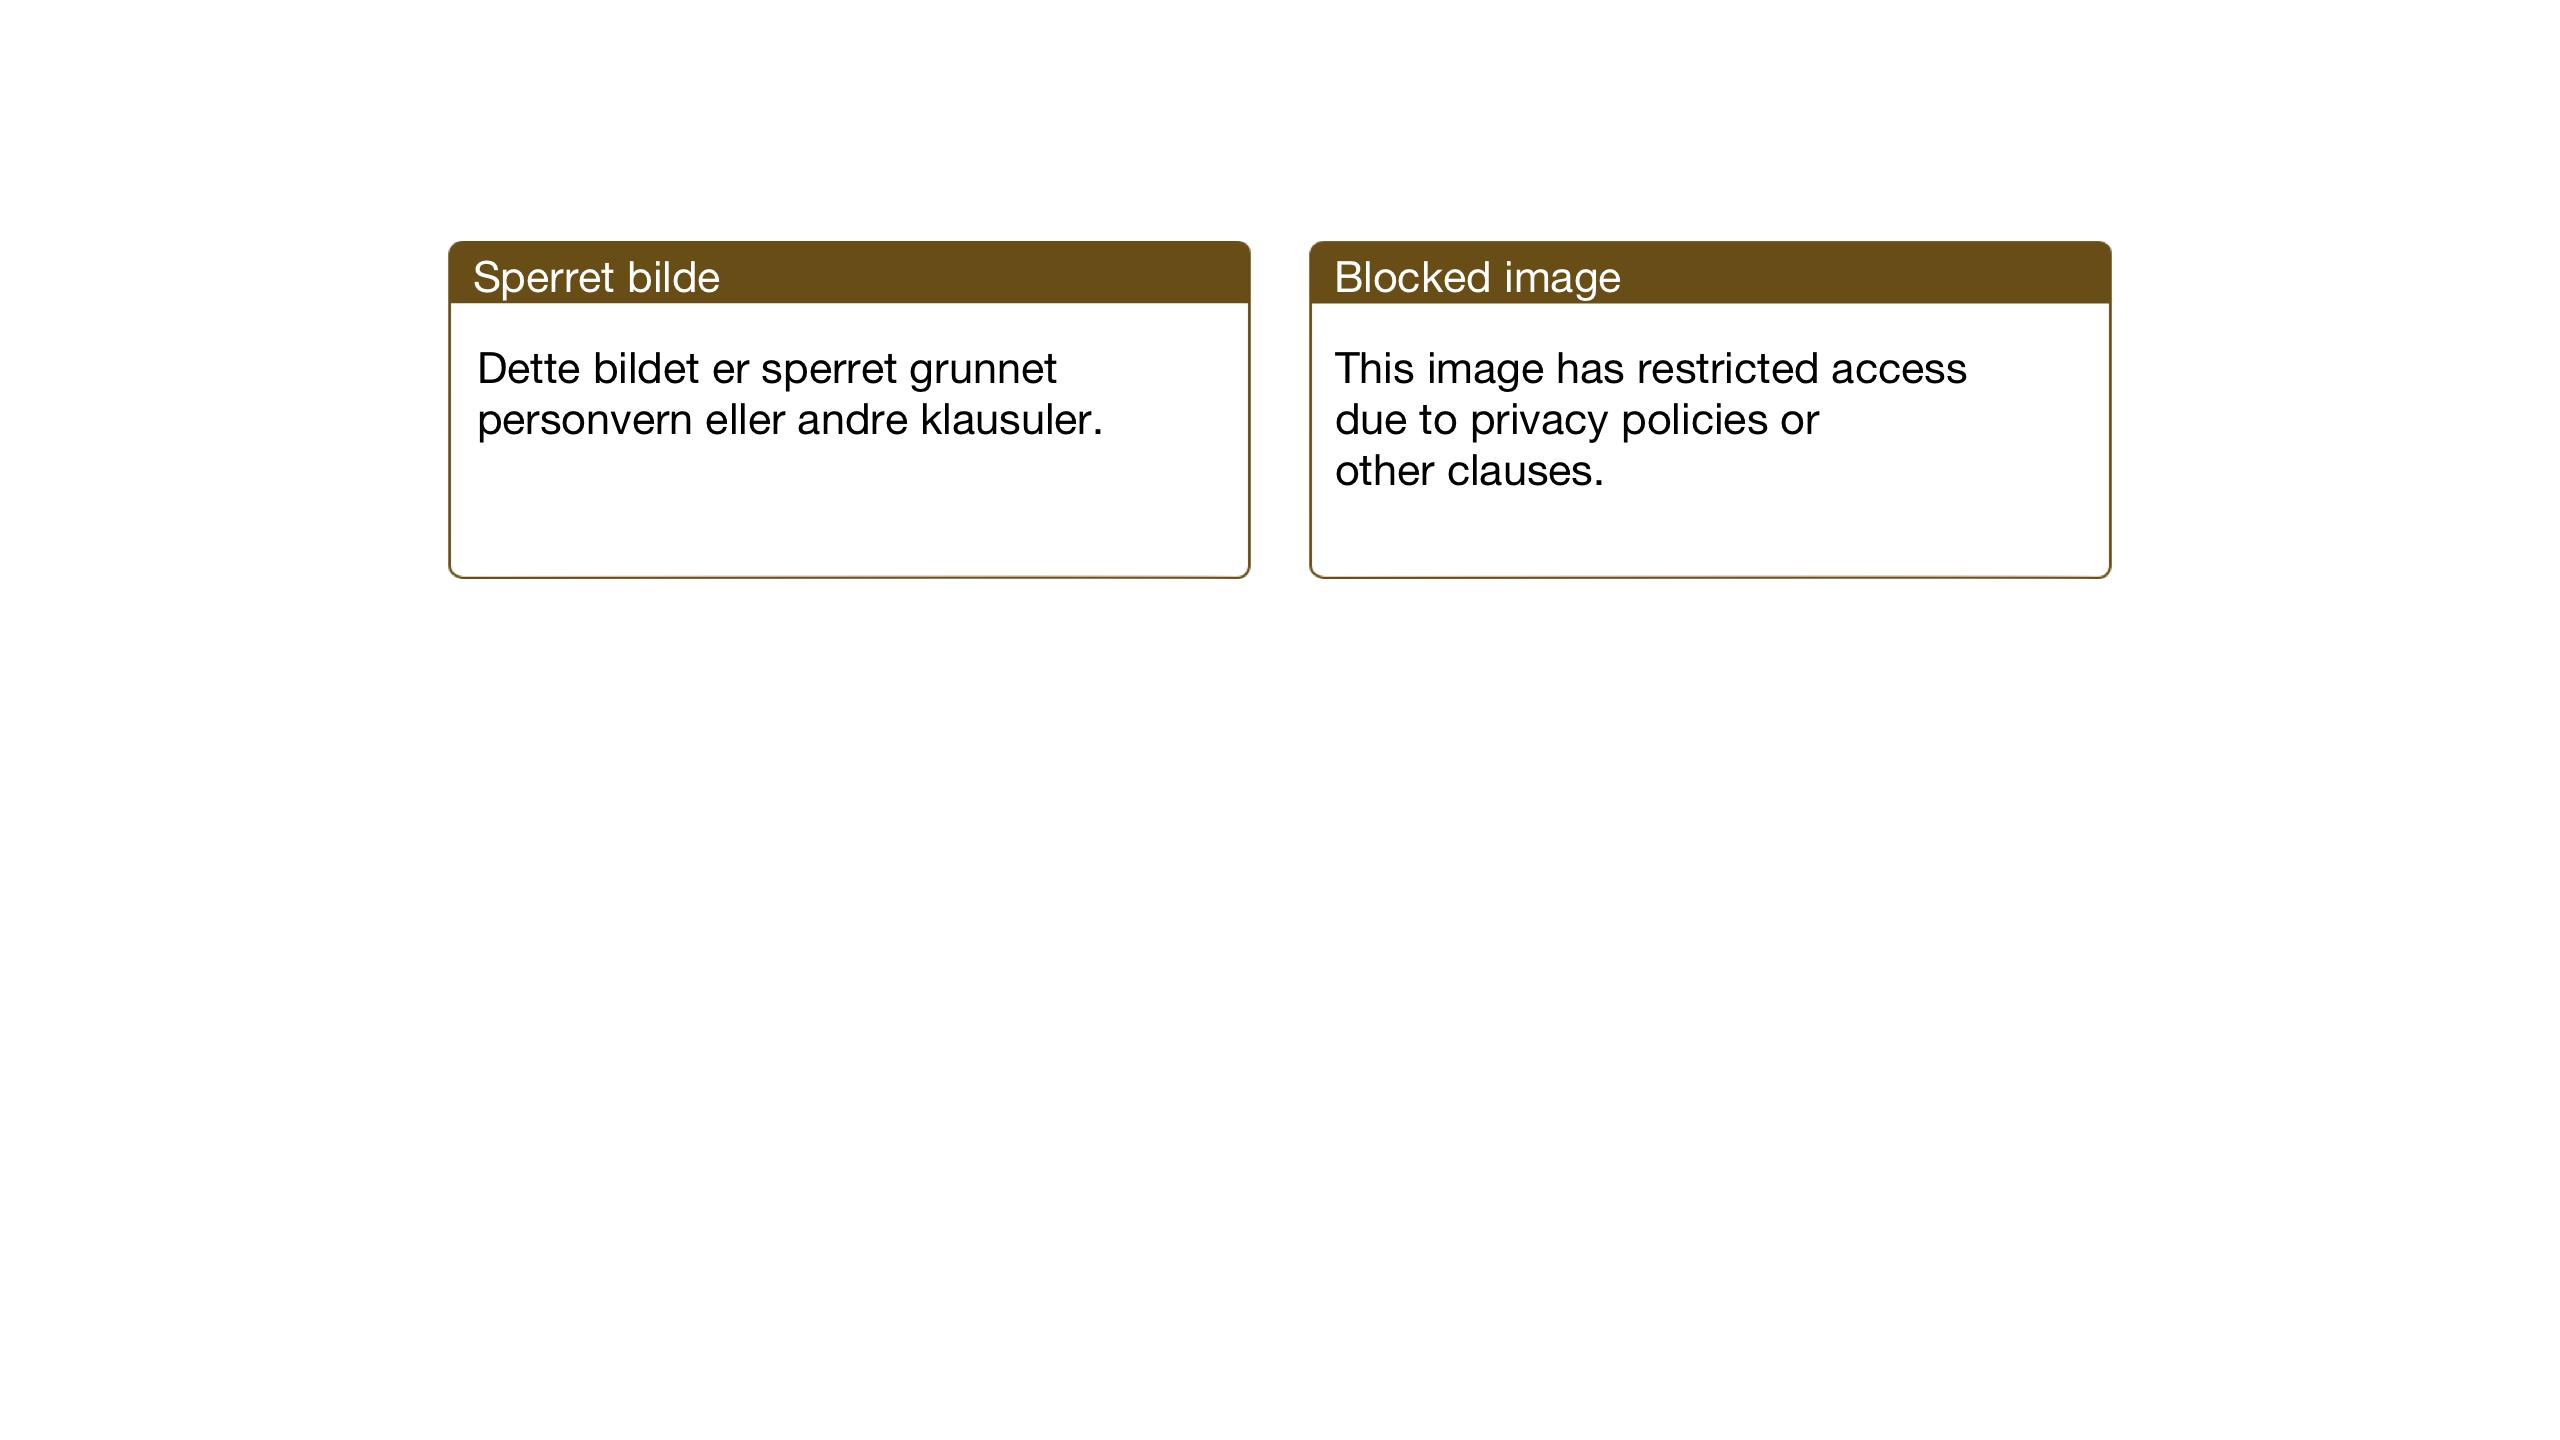 SAT, Ministerialprotokoller, klokkerbøker og fødselsregistre - Nord-Trøndelag, 720/L0193: Klokkerbok nr. 720C02, 1918-1941, s. 42